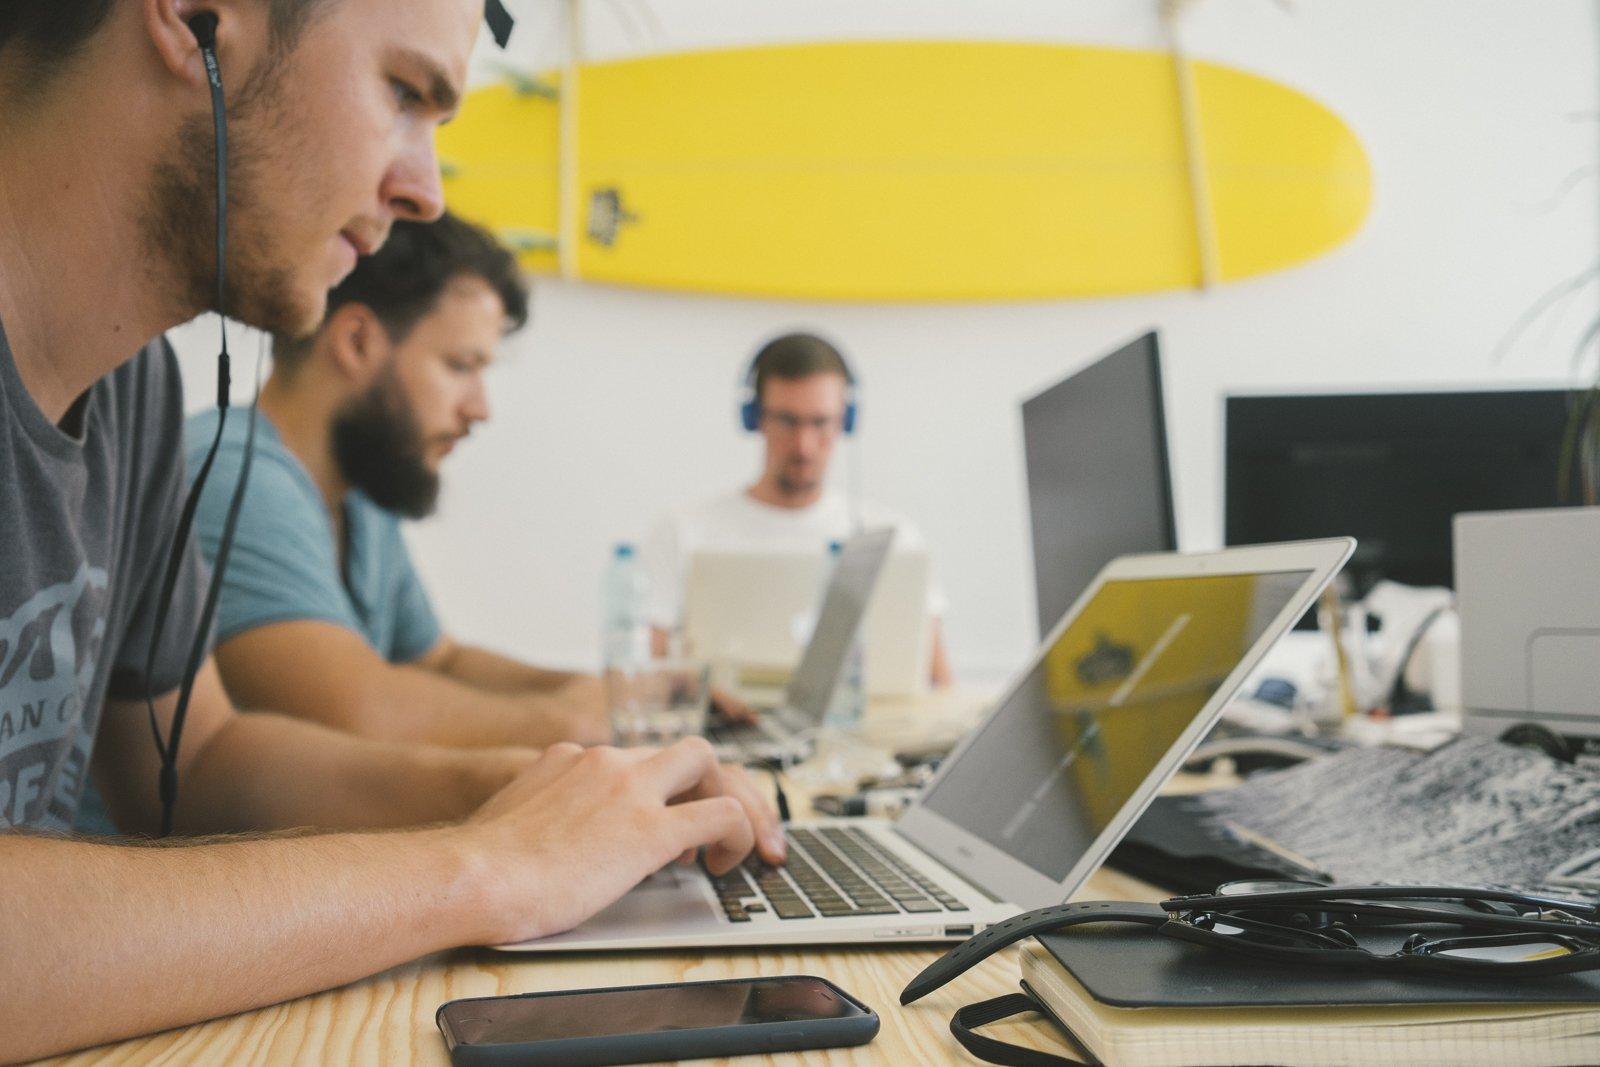 ¿Cuál es el coworking perfecto para tu proyecto? Te ayudamos a encontrarlo